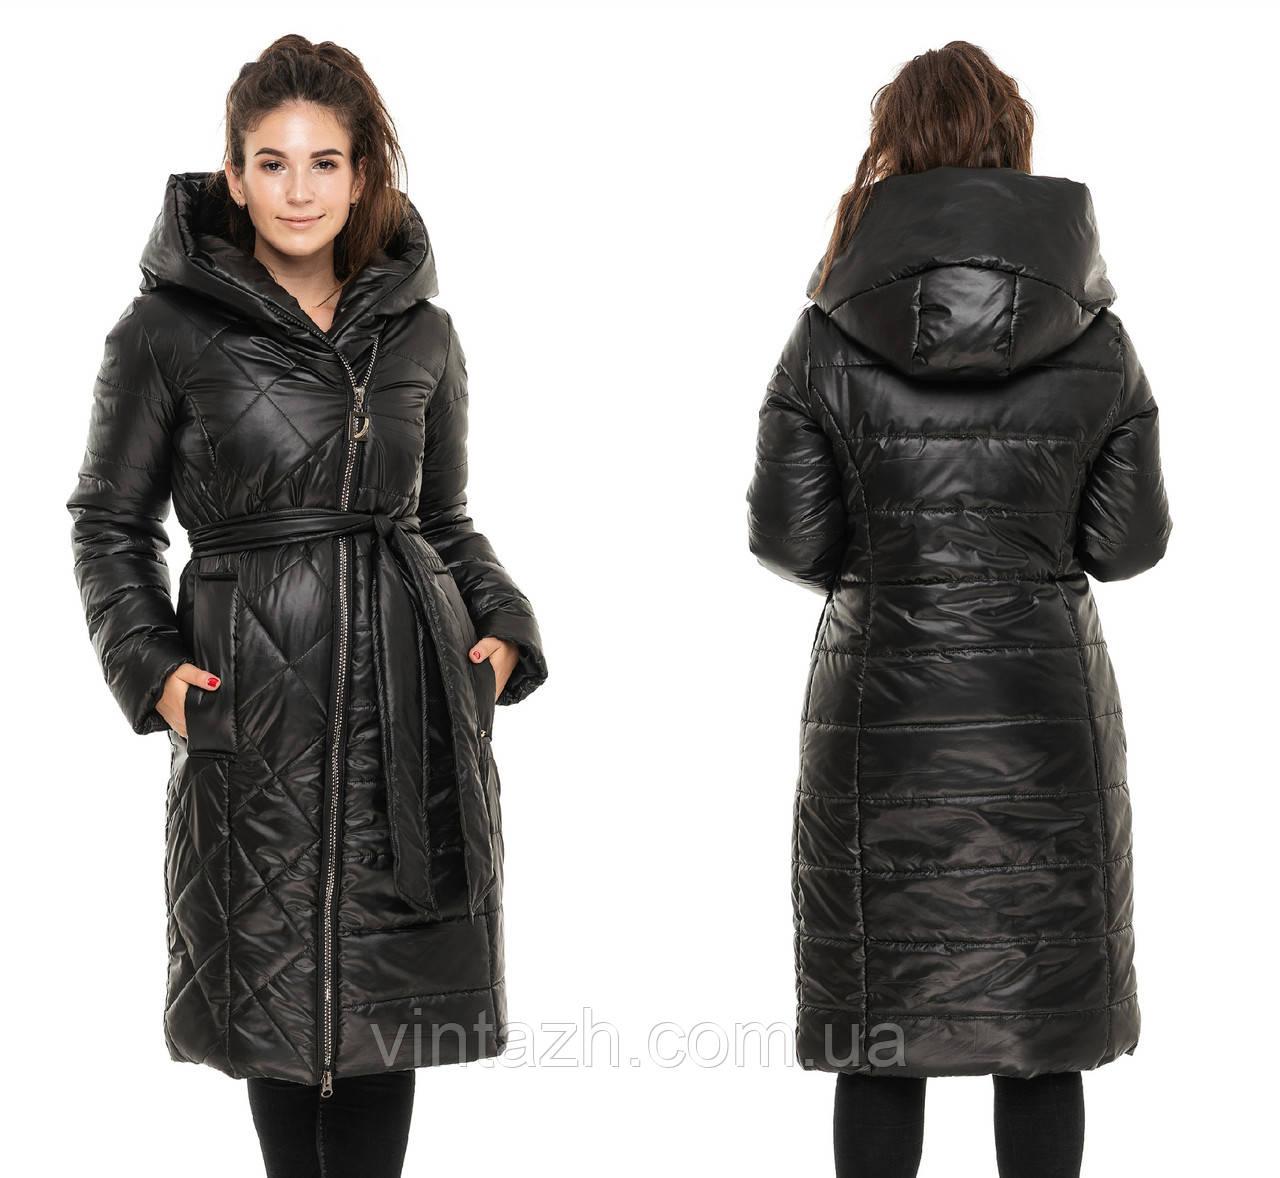 Женская зимняя куртка полупальто